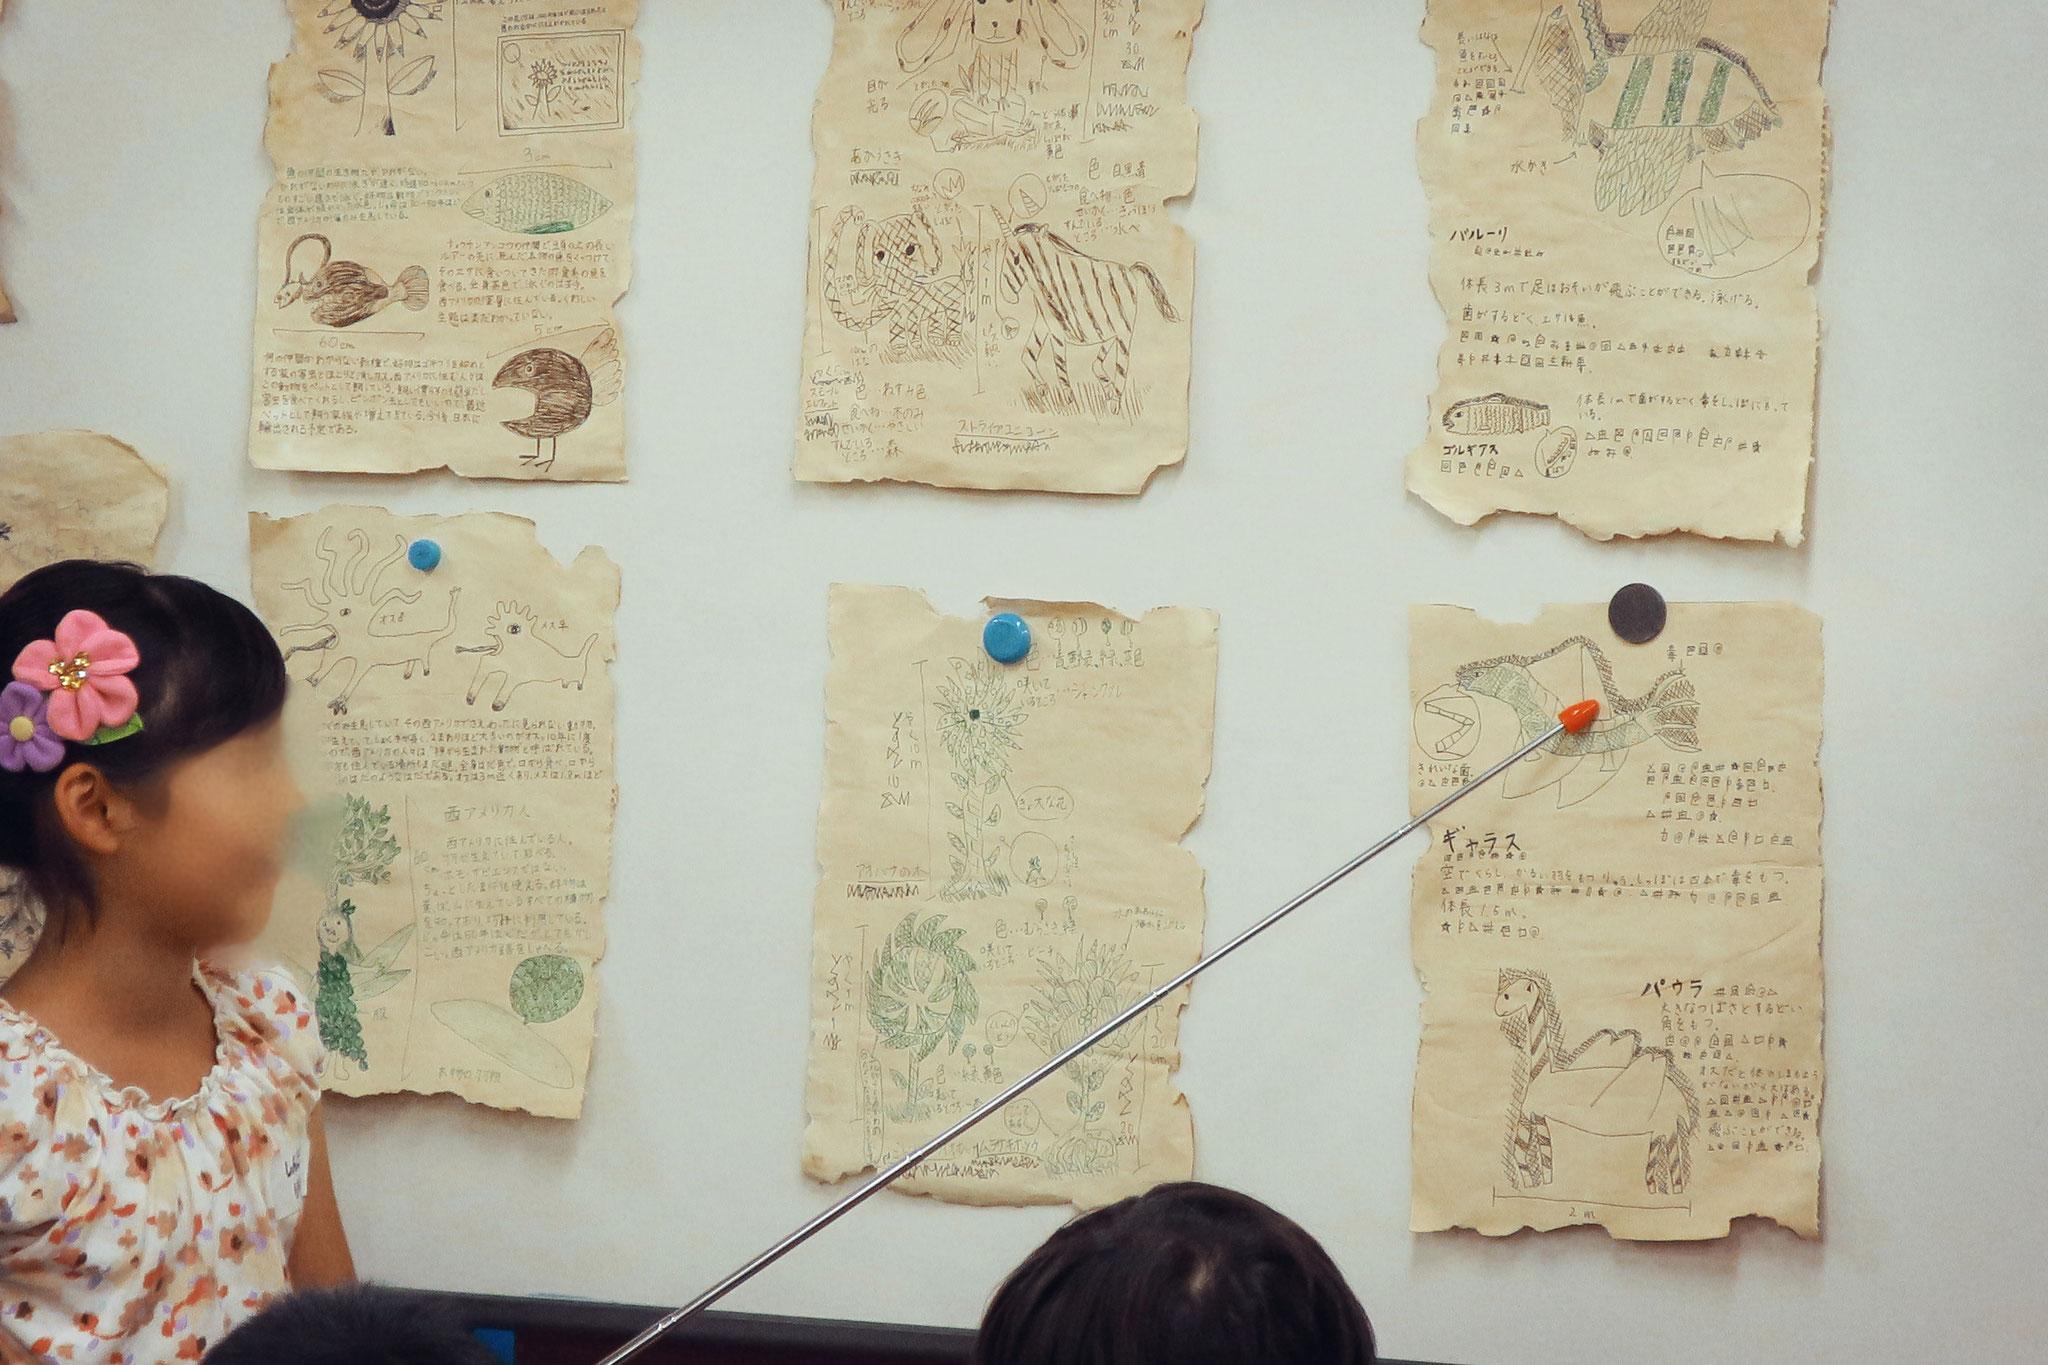 羊皮紙風に加工された紙に空想生物図鑑を描くワークショップ。宝の地図みたいでワクワクします(子供/2時間)主催:千葉市文化振興財団